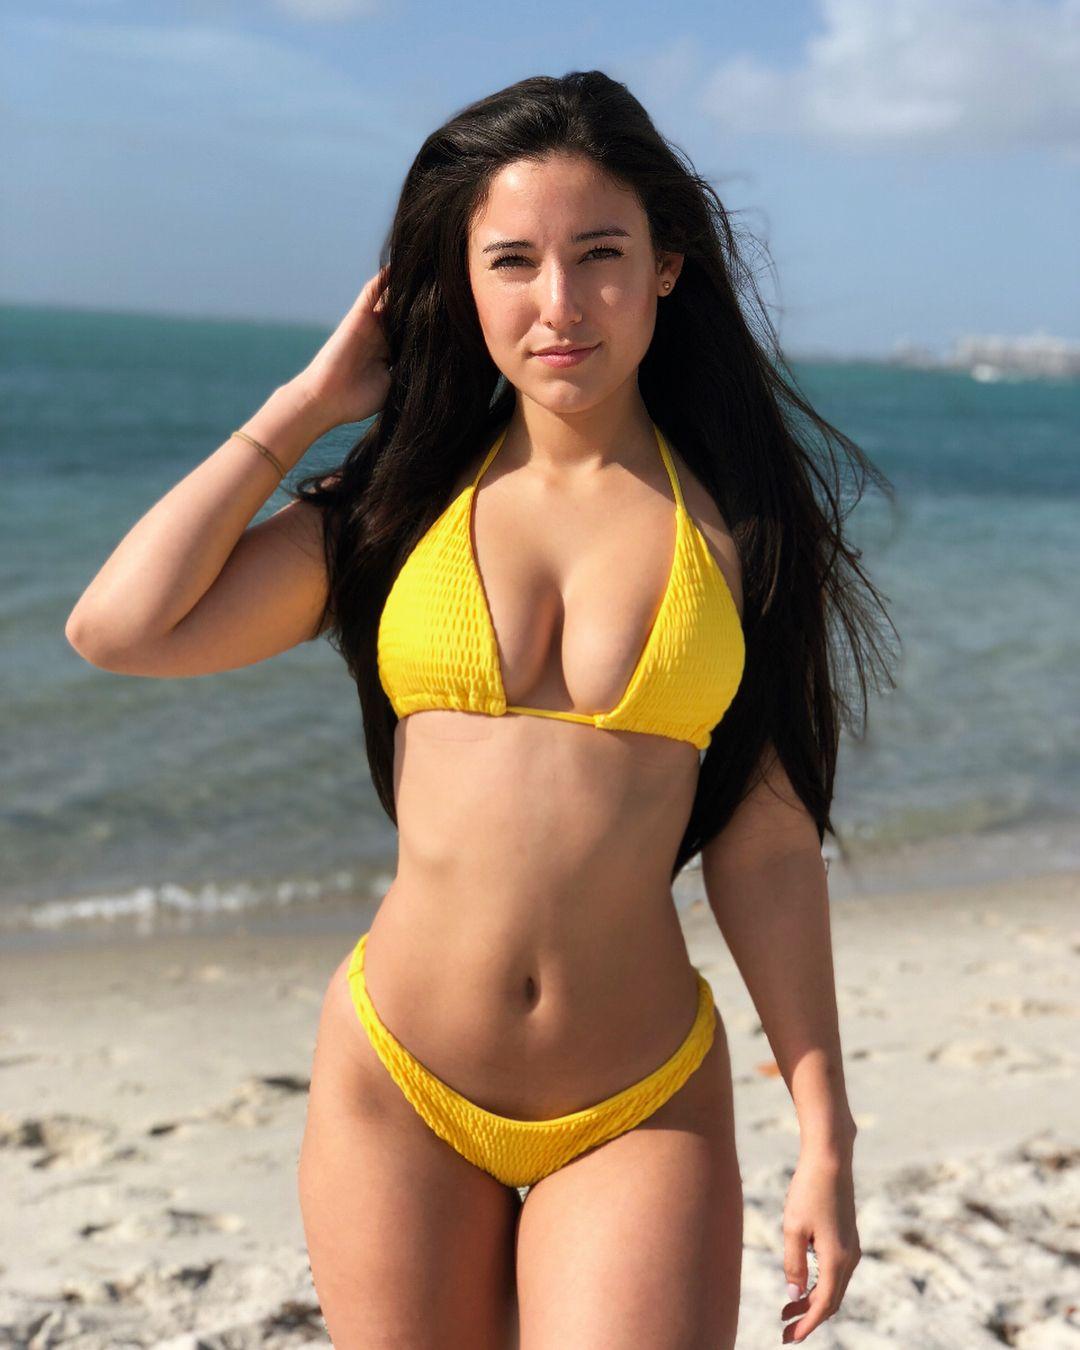 Angeline wright nude — img 8